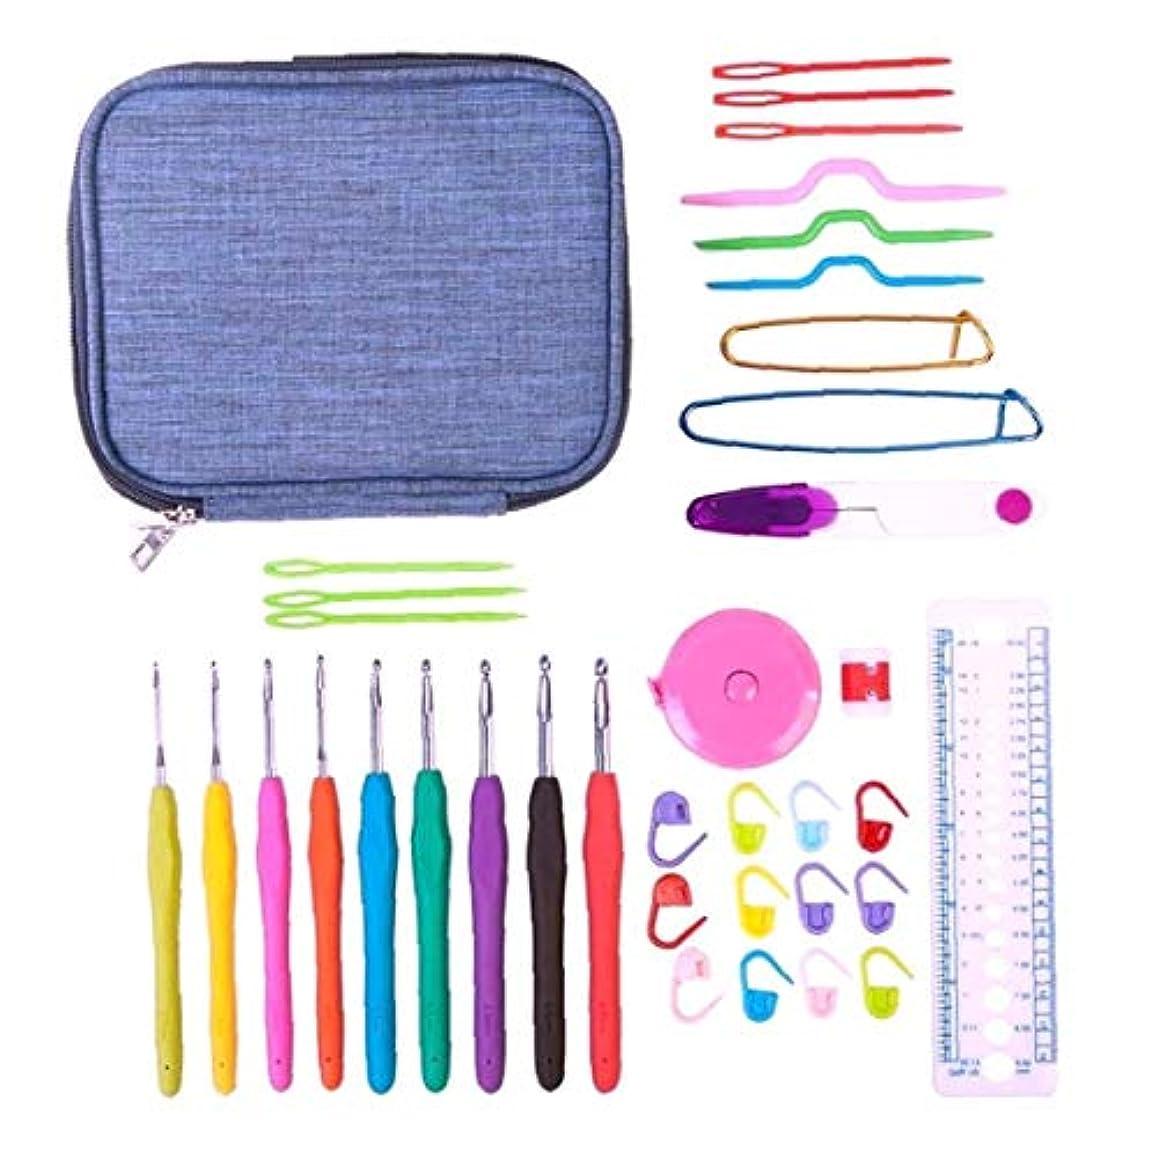 産地降臨順応性のある1セットtprのソフトかぎ針編みのフックライトアップかぎ針編み初心者キットのセットの編みフックかぎ針セット人間工学かぎ針編みのフック